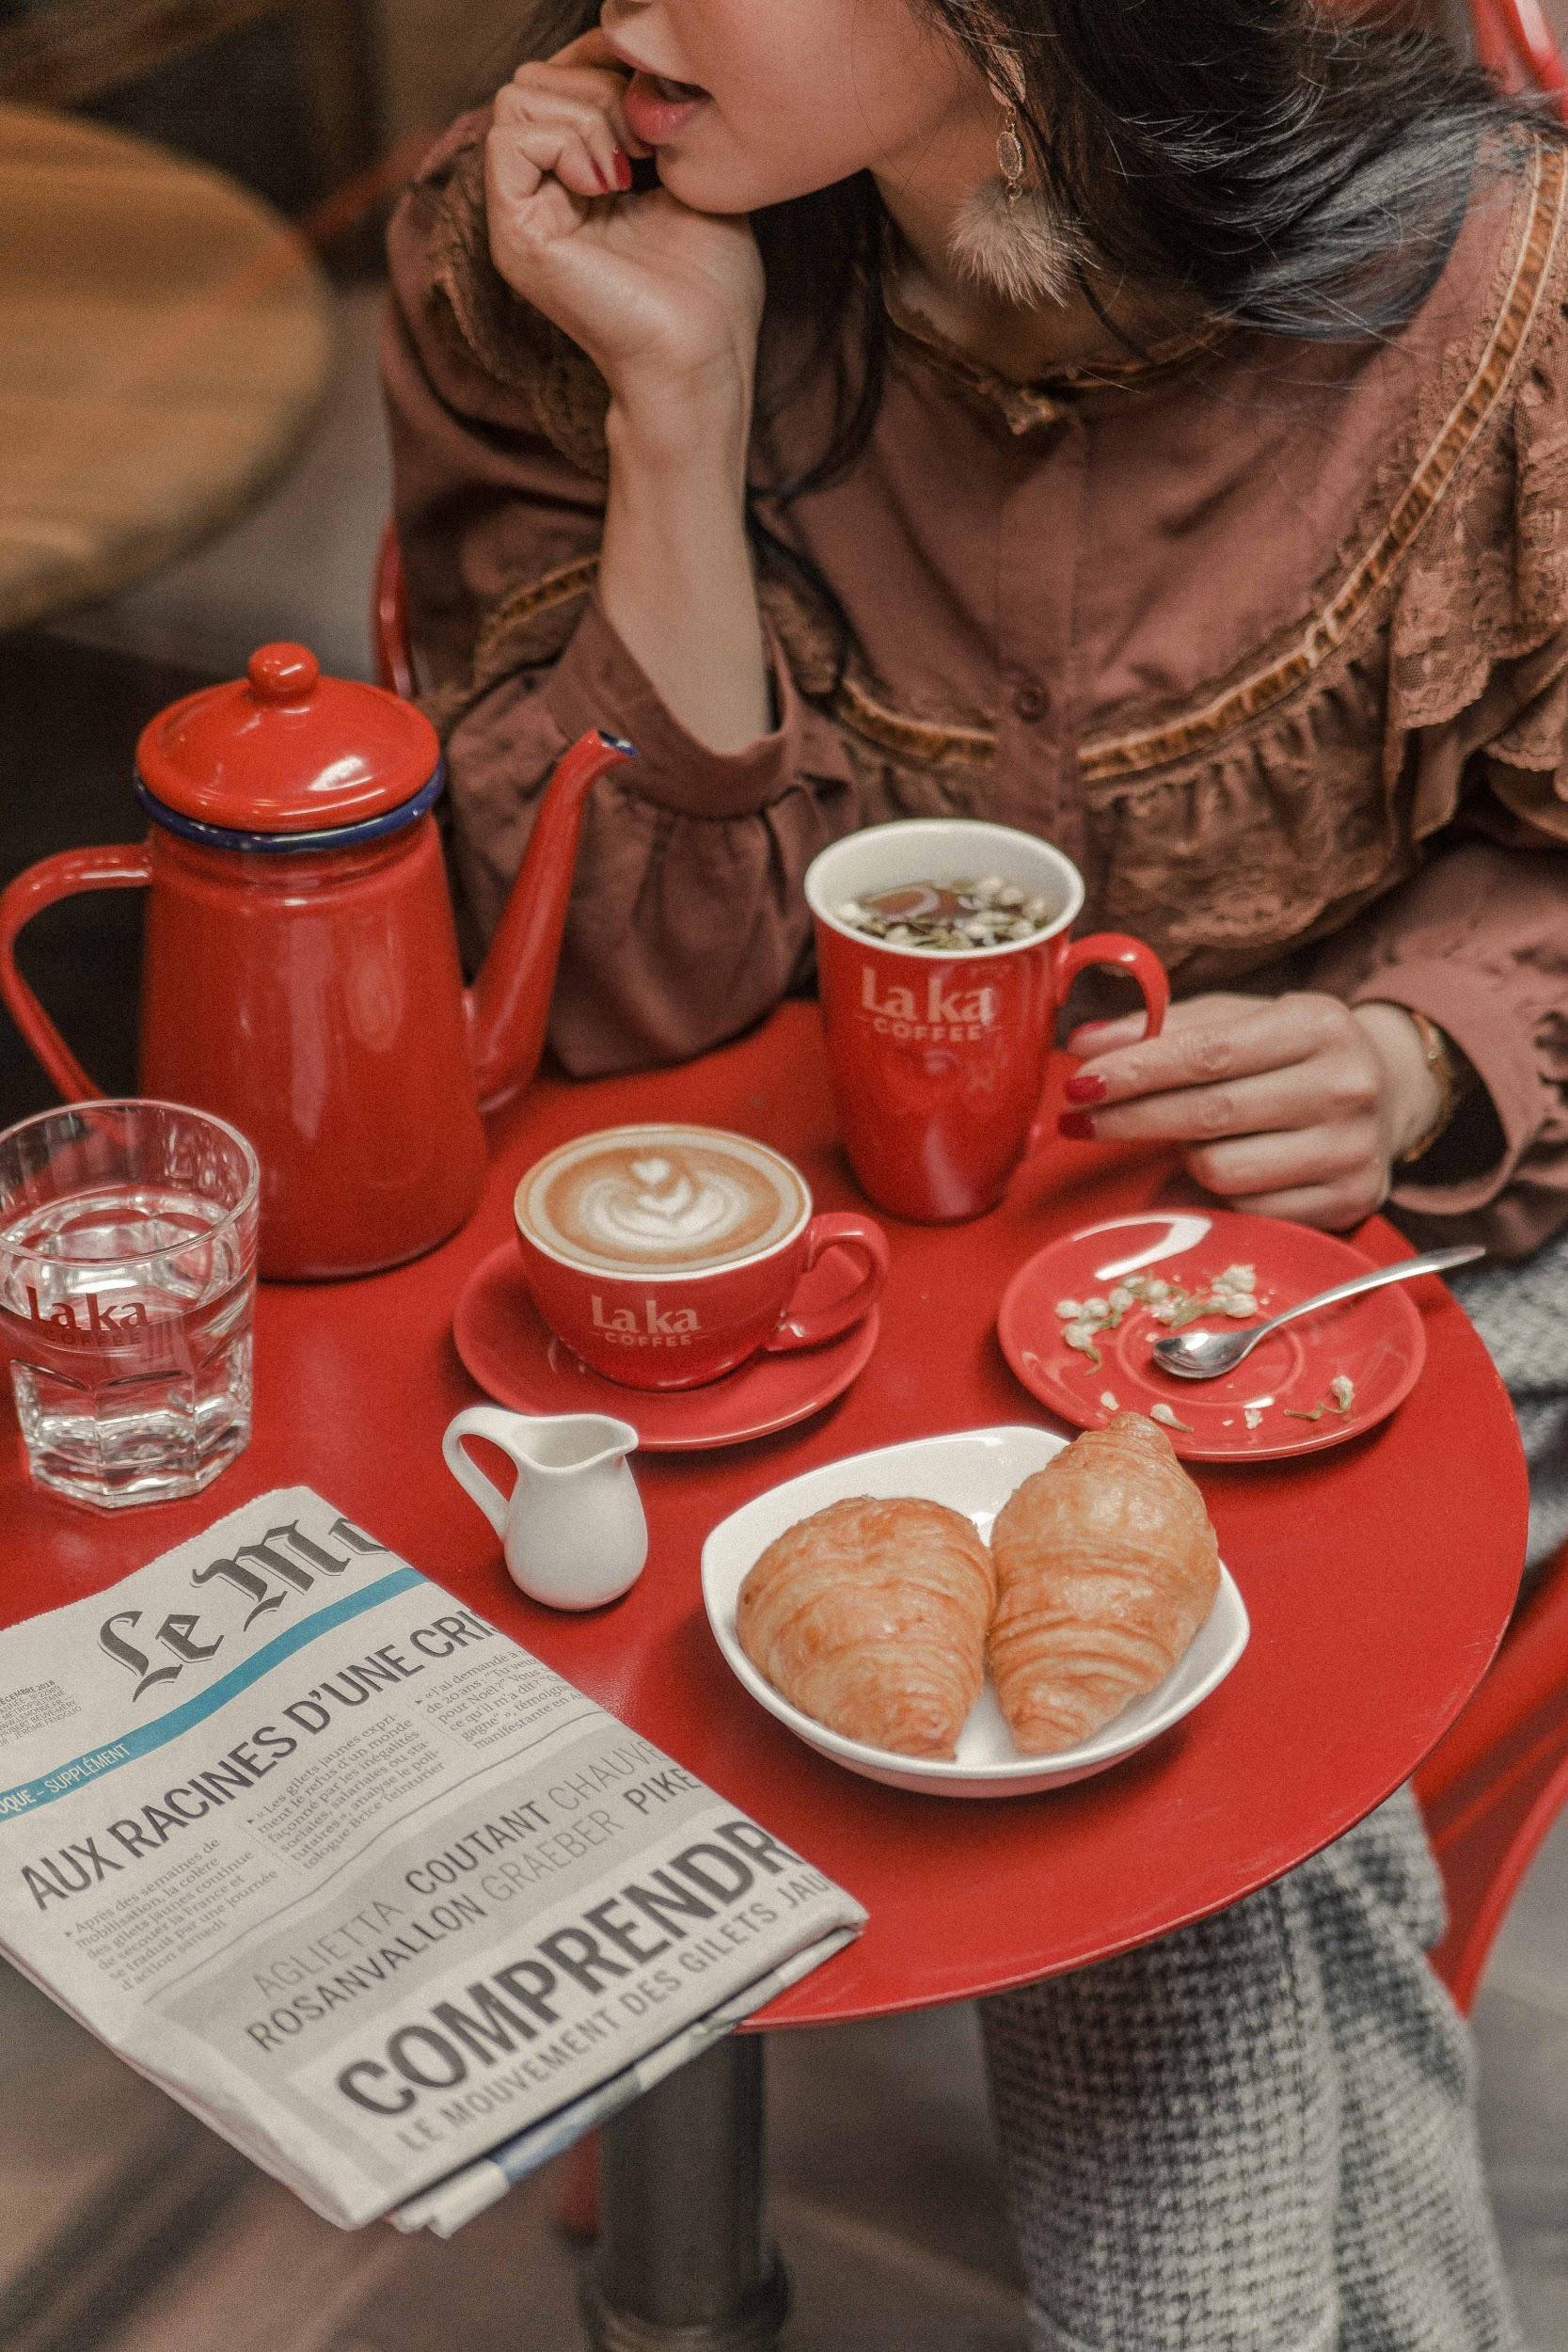 Quán cà phê đỏ rực như Paris tại Hà Nội mà bạn nhất định phải check-in dịp Tết này - Ảnh 8.